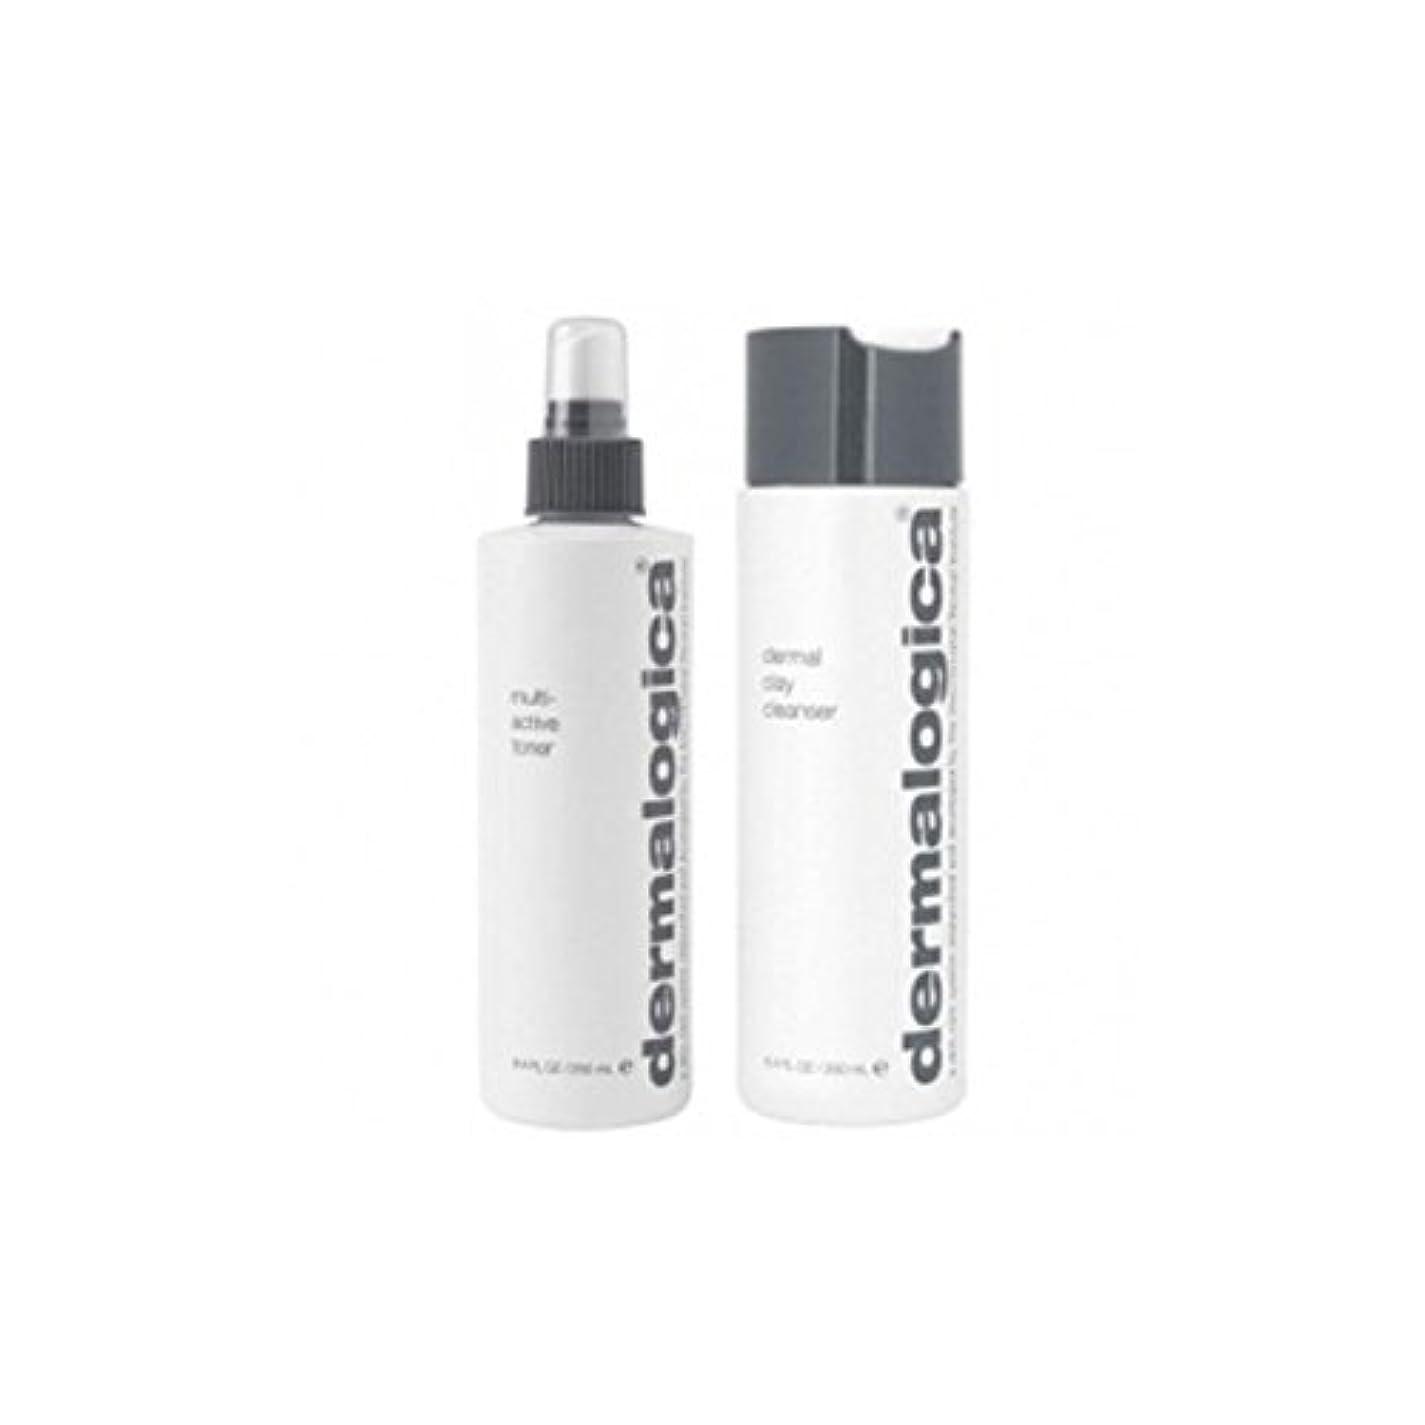 確かめるなめらかチャンバーDermalogica Cleanse & Tone Duo - Oily Skin (2 Products) (Pack of 6) - ダーマロジカクレンジング&トーンデュオ - 脂性肌(2製品) x6 [並行輸入品]